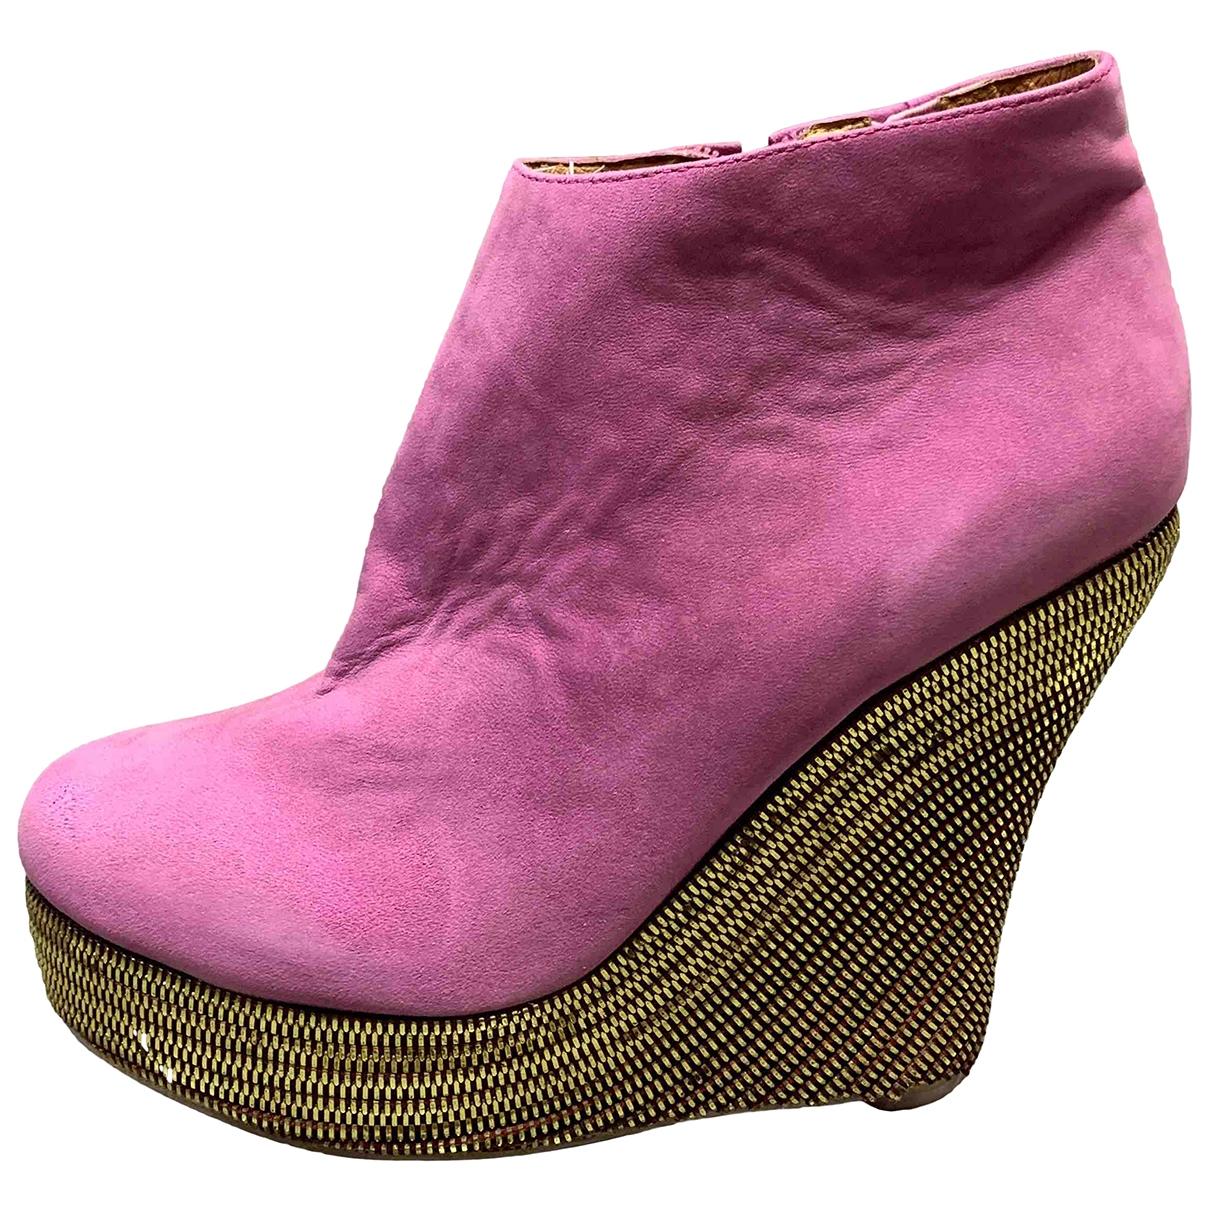 Jeffrey Campbell - Boots   pour femme en cuir - violet